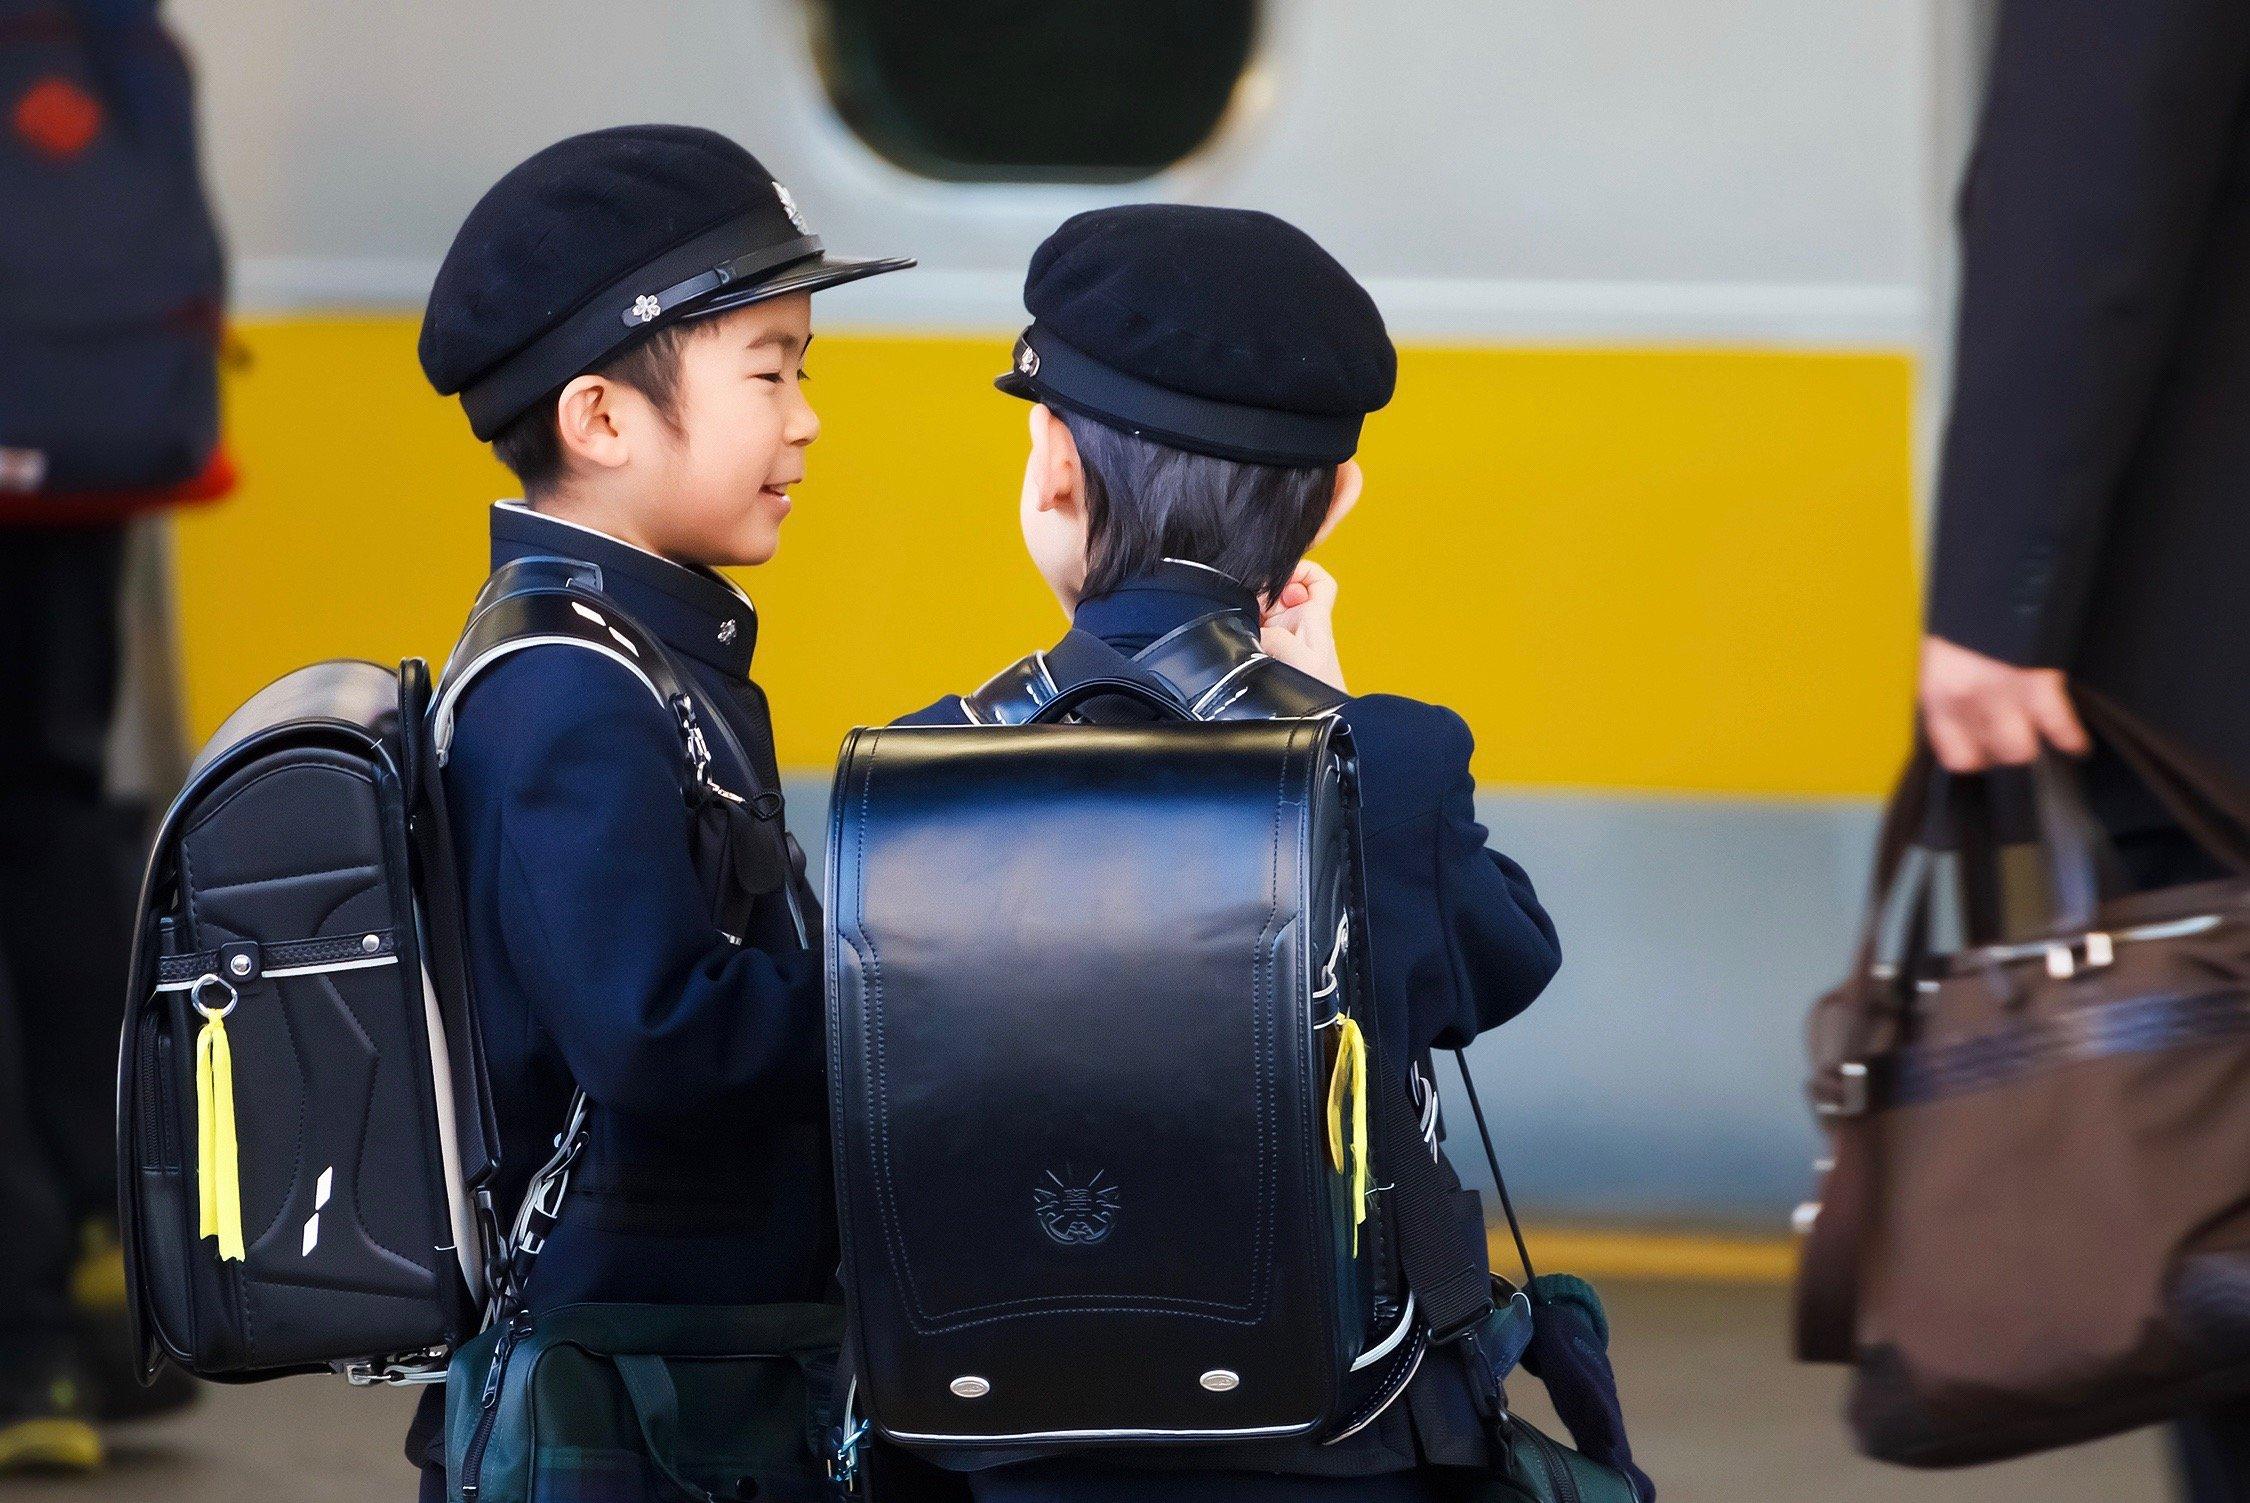 iStock 31507038 MEDIUM 1 - Razones por la que los niños japoneses no hacen tantos berrinches y son más obedientes con los mayores